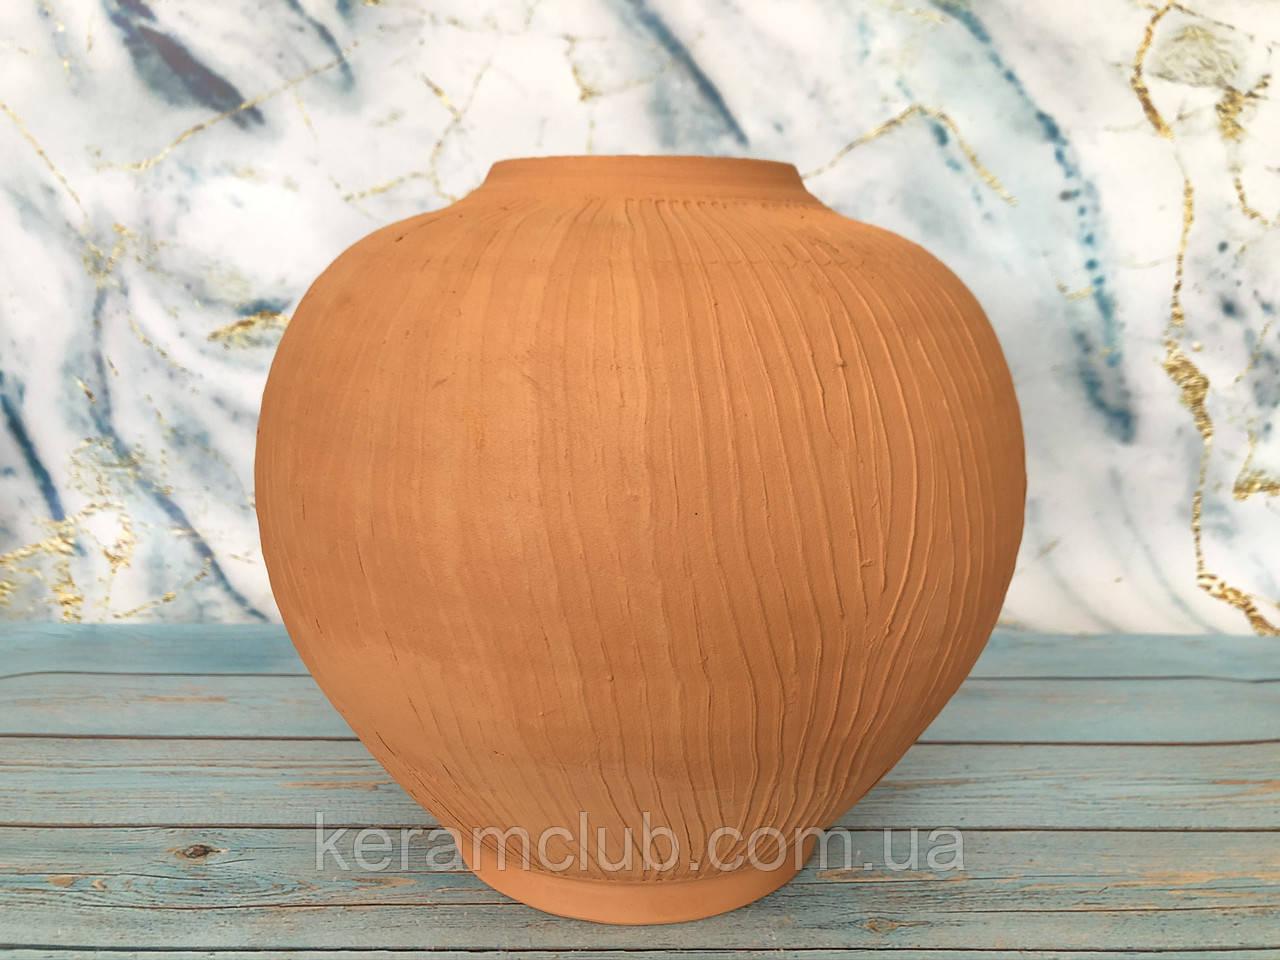 Гончарная ваза ручной работы Окулус h21